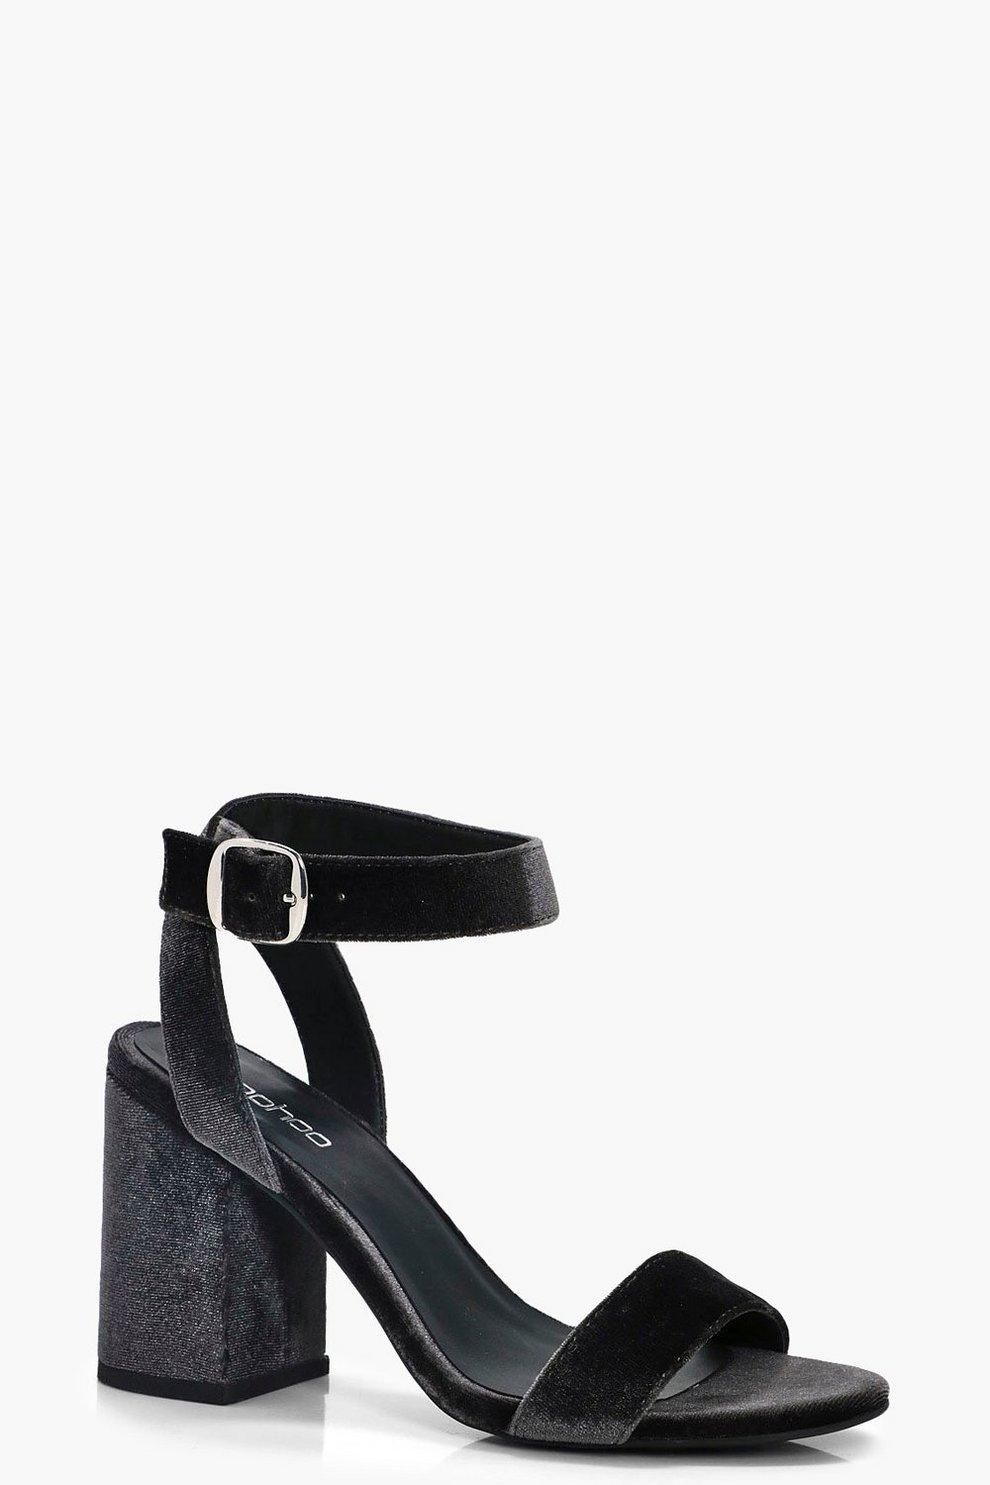 velvet sandals Order tokBD27A